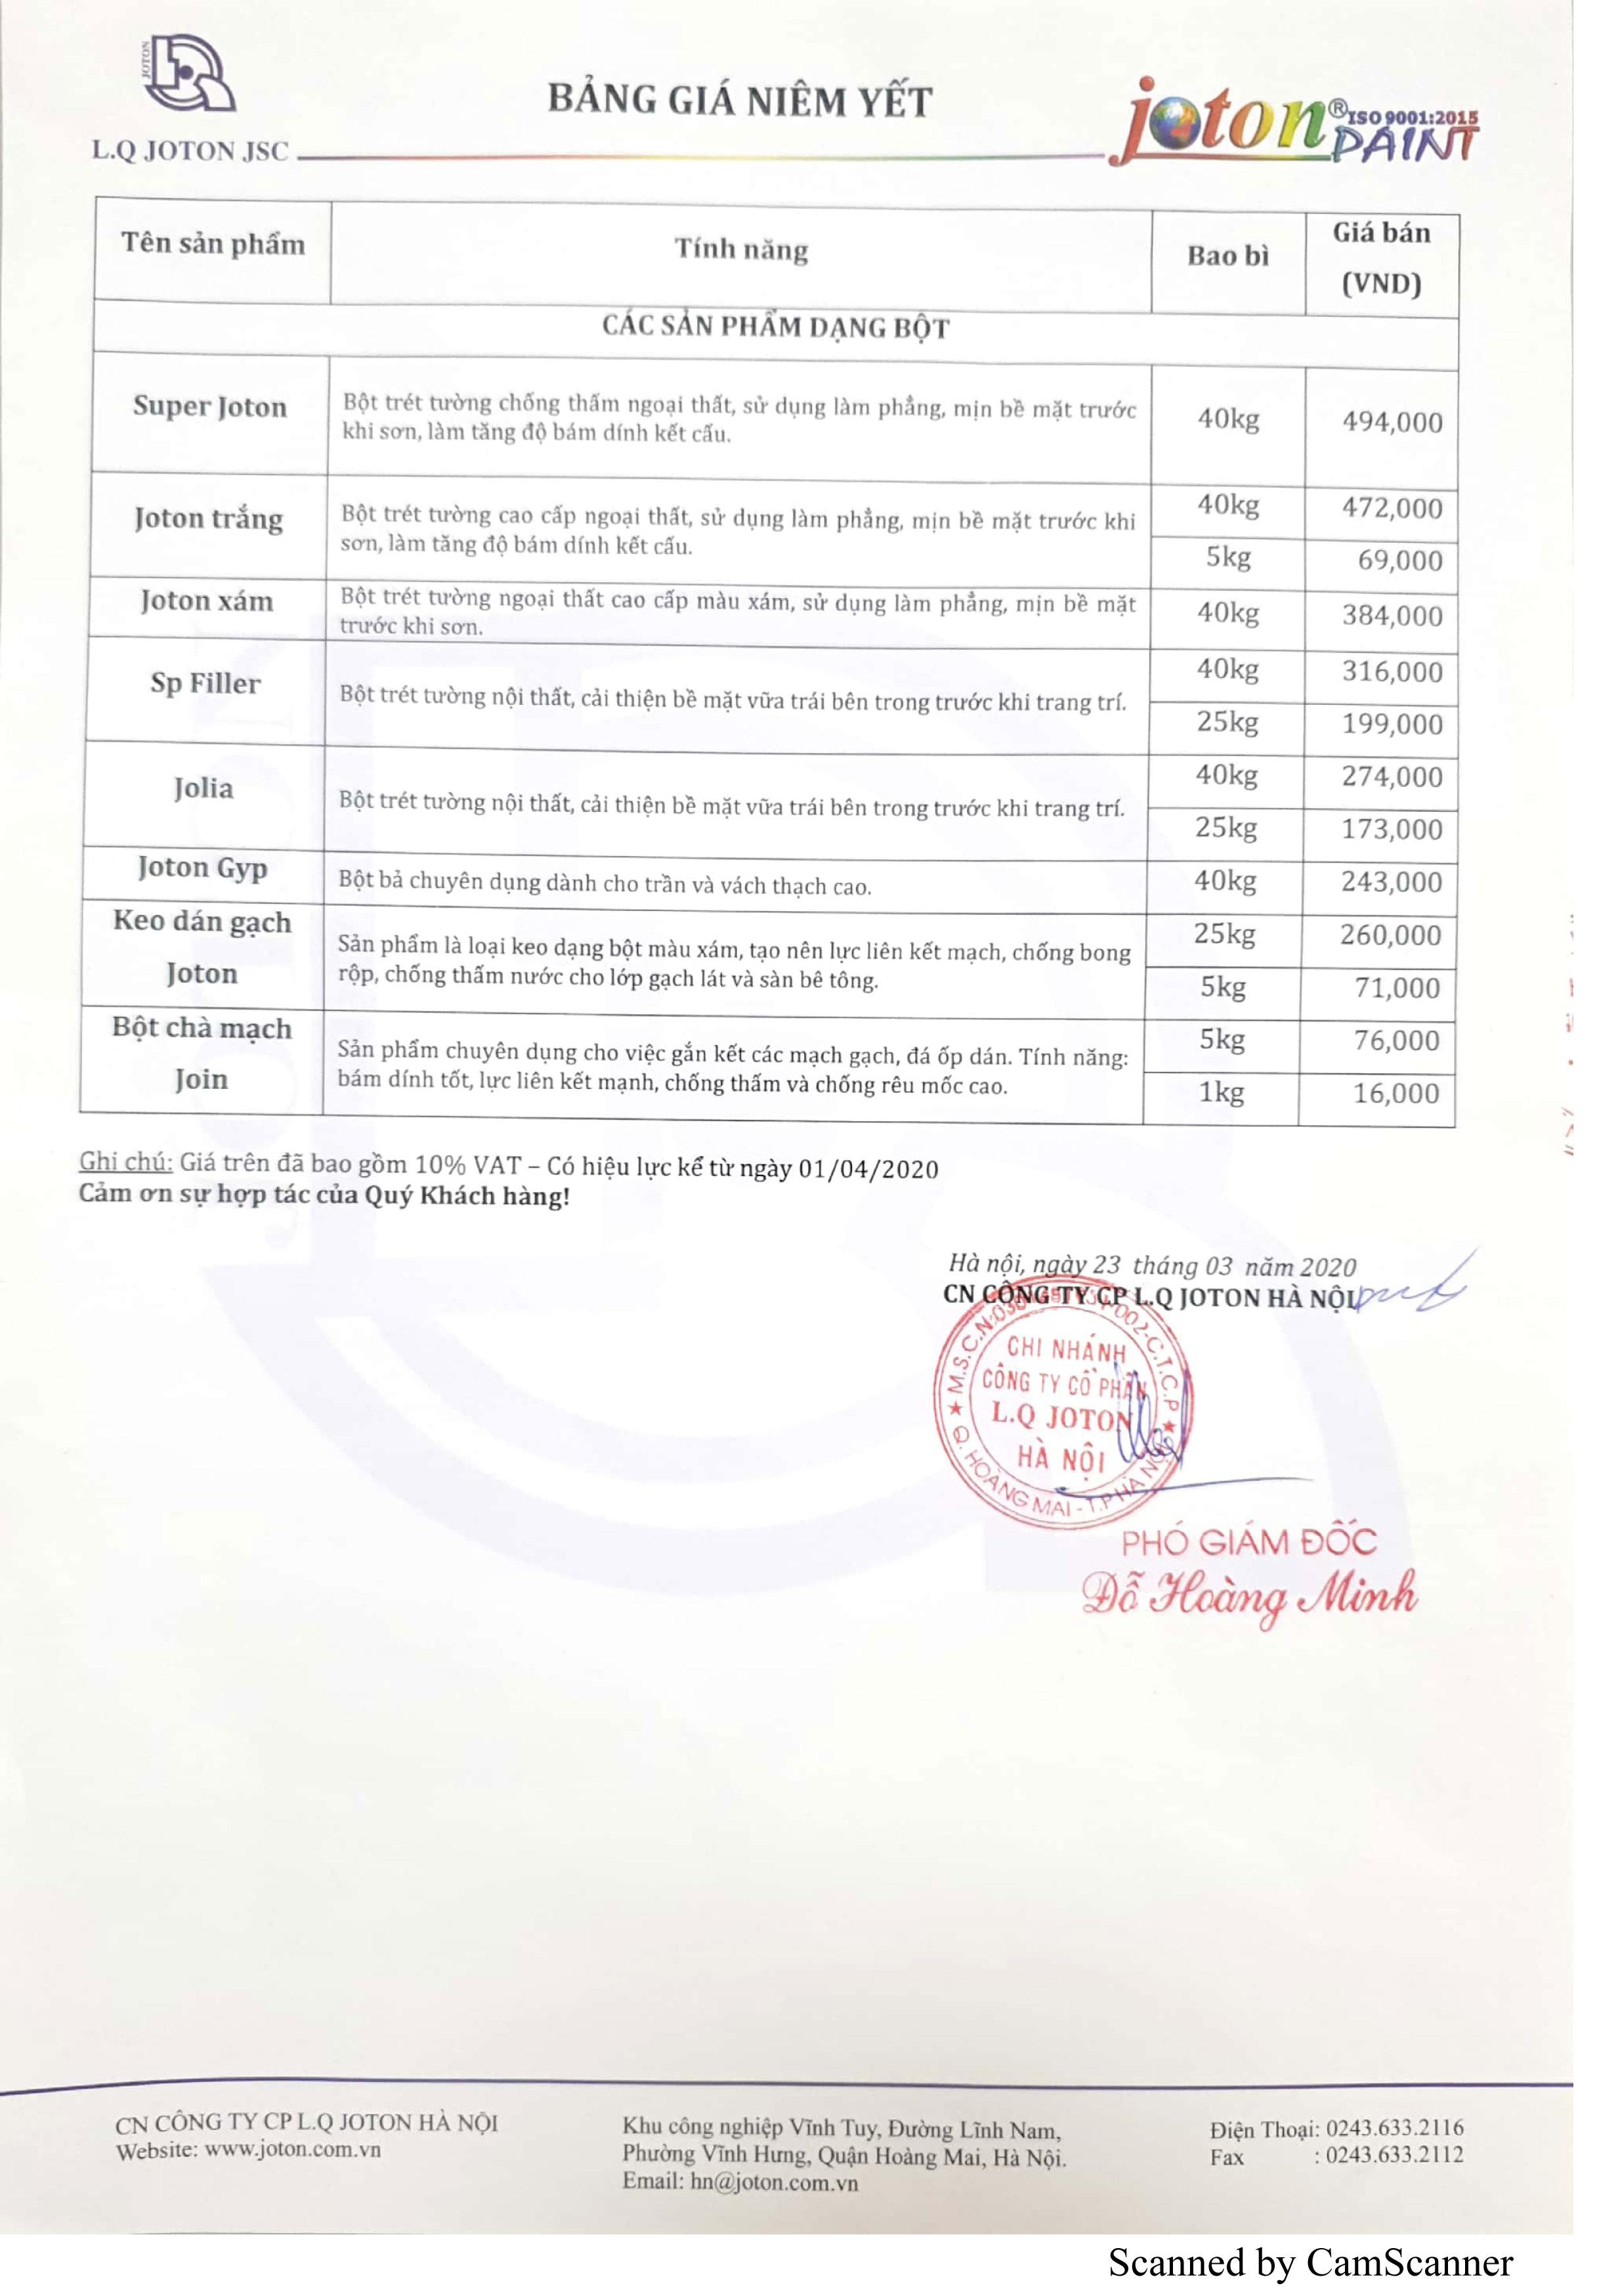 bao-gia-joton-5-2020-3